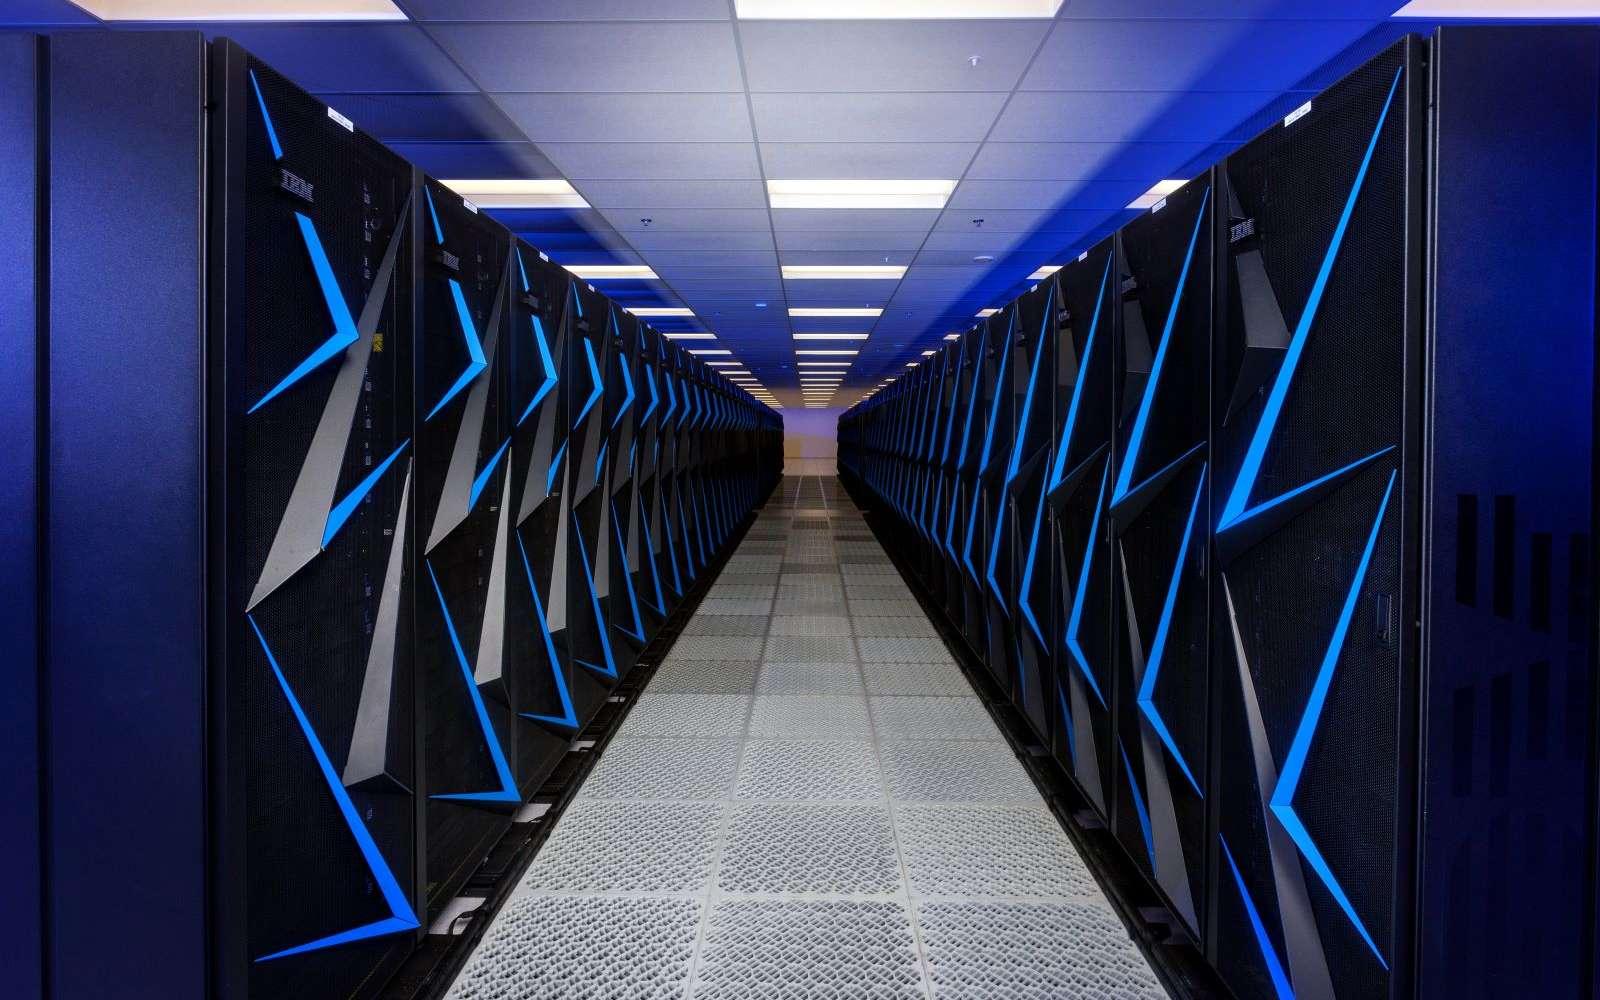 10.000 processeurs fonctionnent pour créer le réseau neuronal et analyser les données. © U.S. Department of Energy from United States